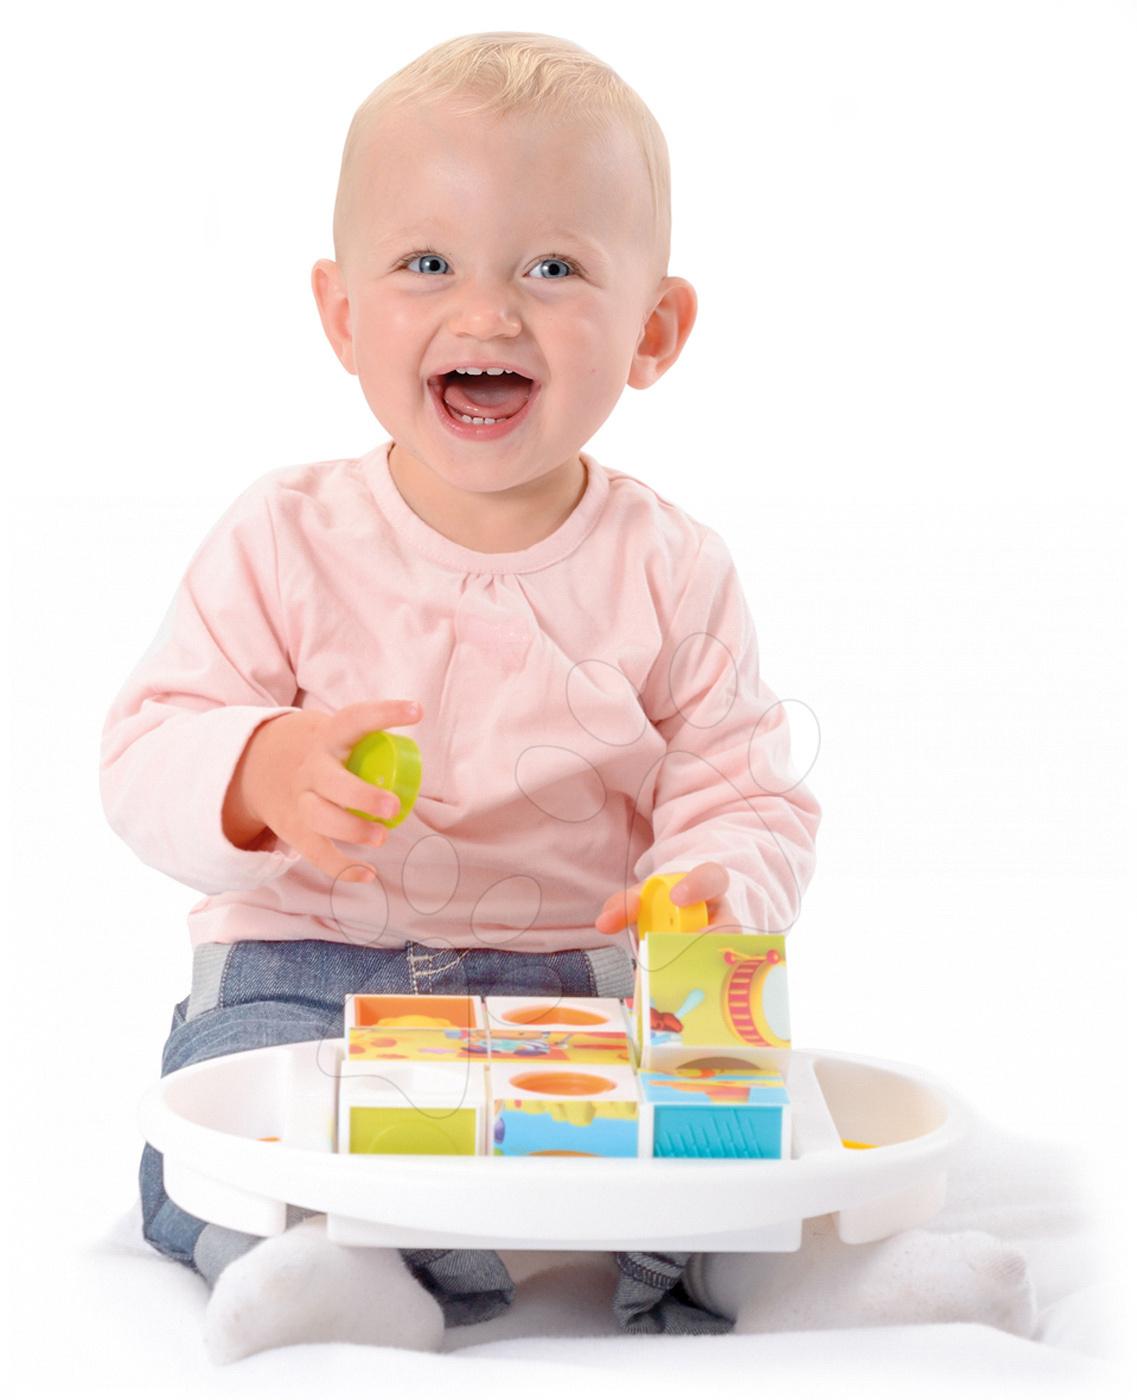 Сортеры для детей до года фото